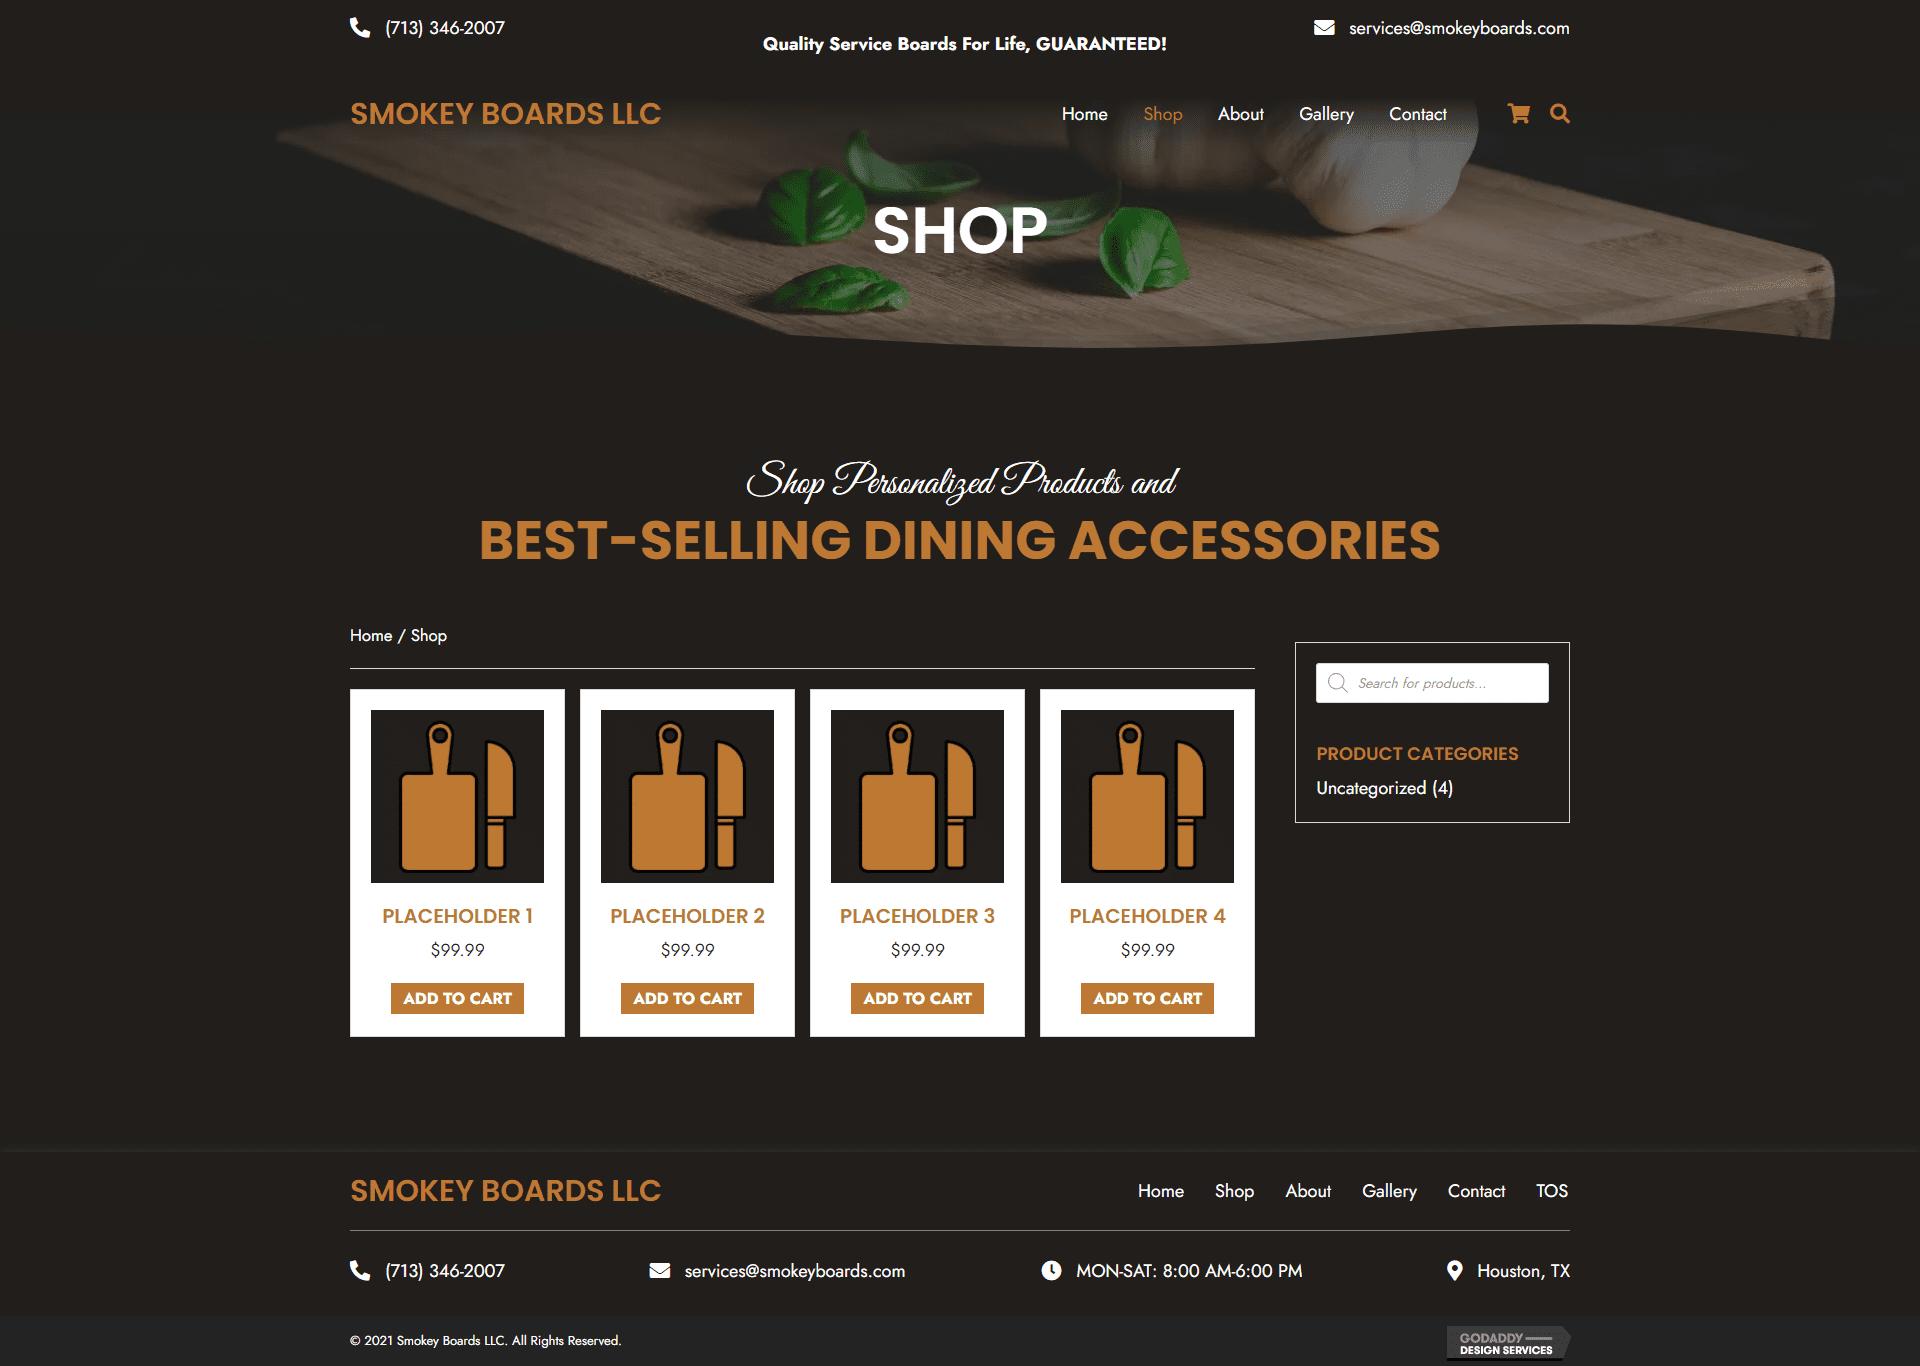 Smokey Boards LLC Shop